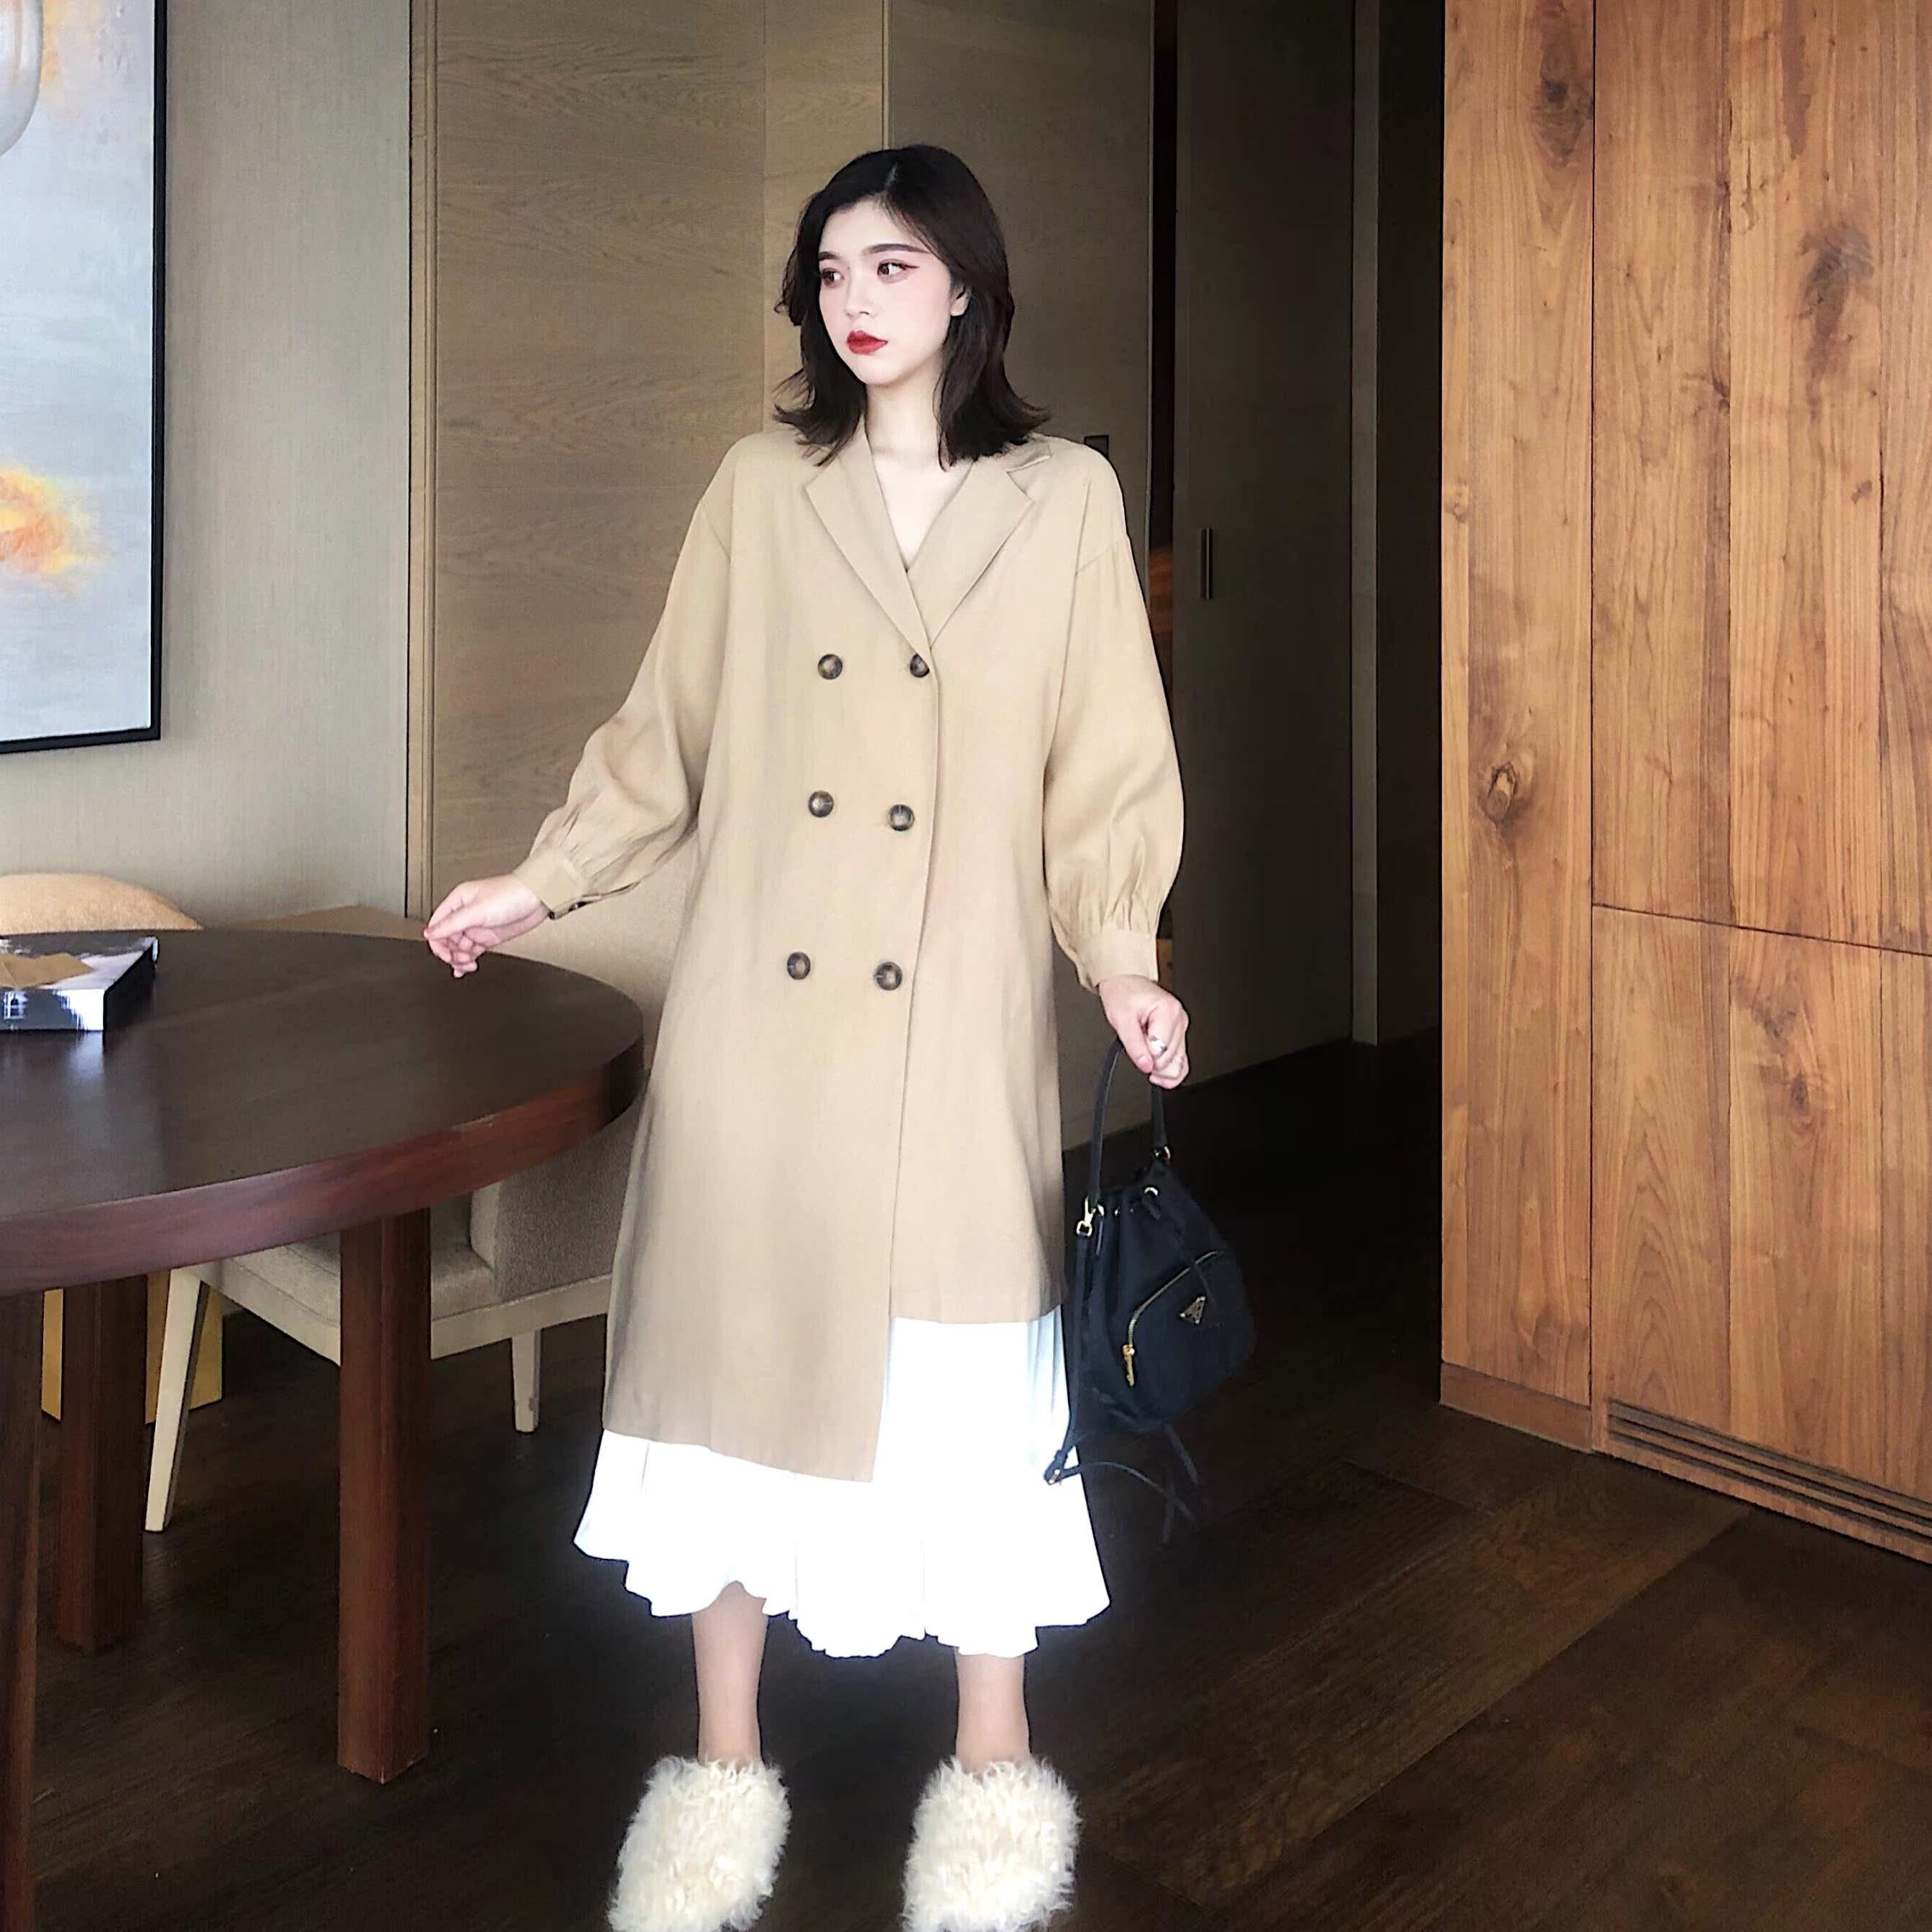 秋装女2018新款套装时尚气质下摆不规则长款风衣外套+高腰半身裙